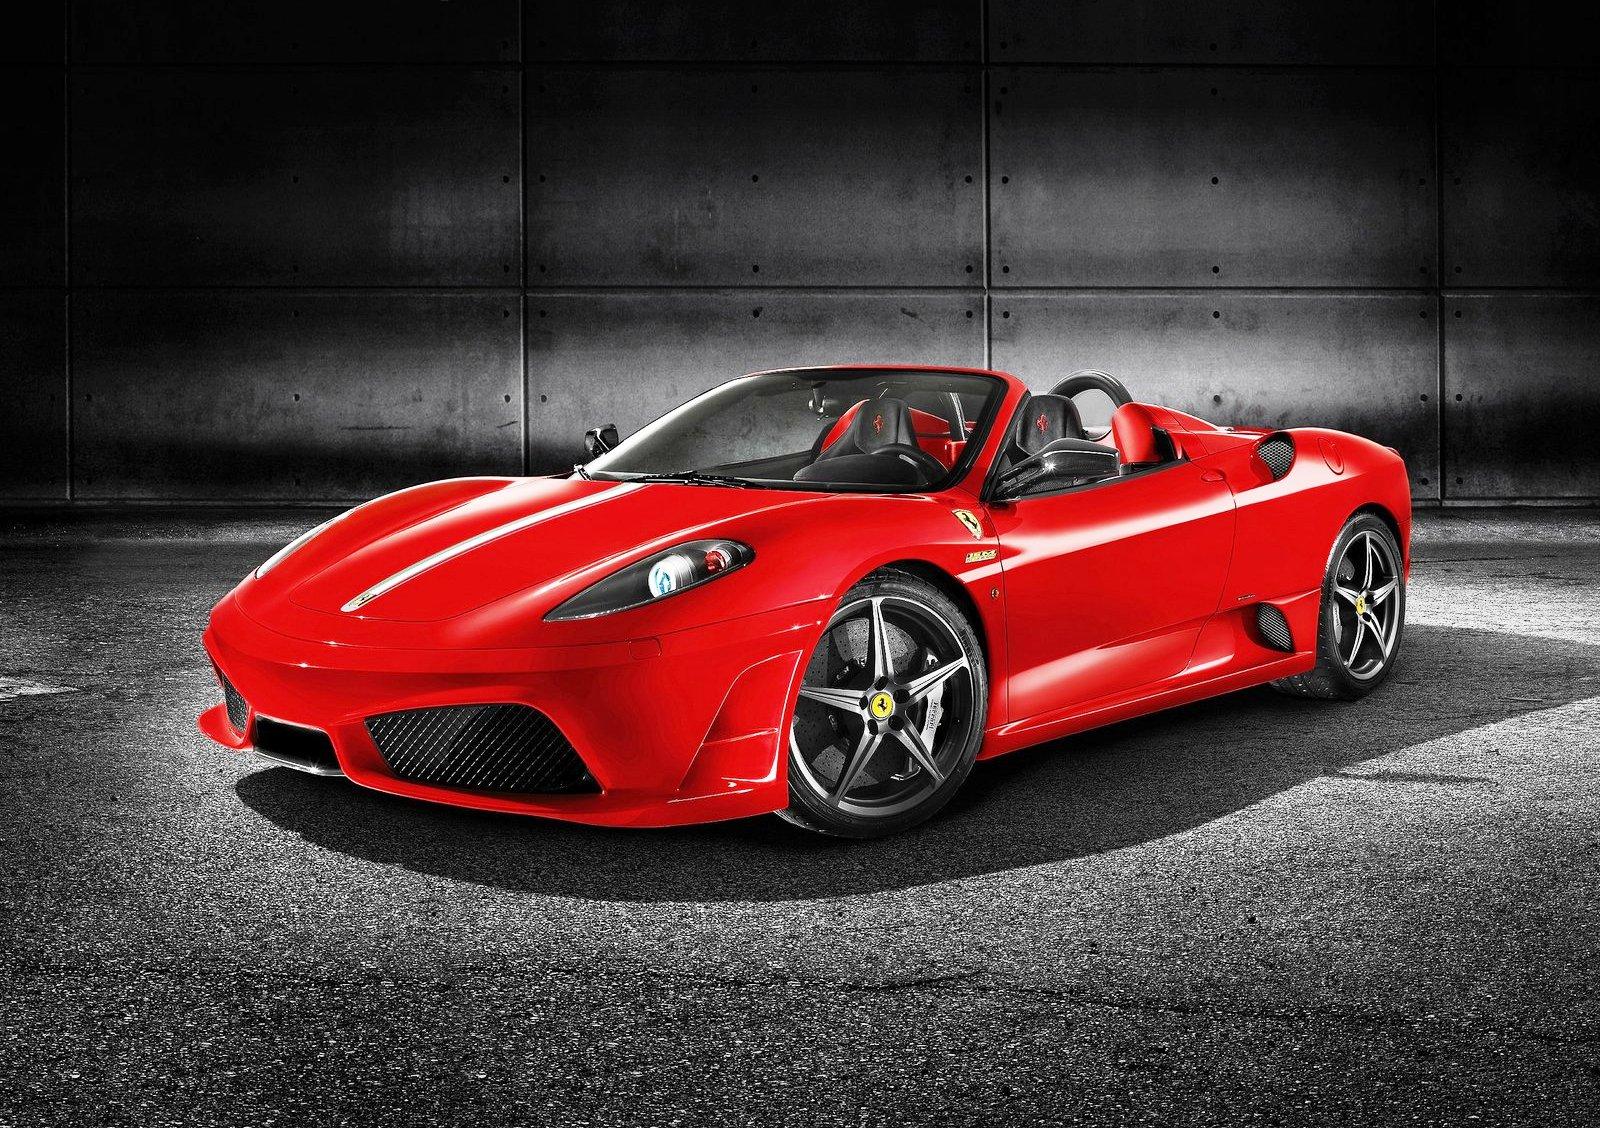 Ferrari Scuderia Spider 16m  Car Pictures, Images